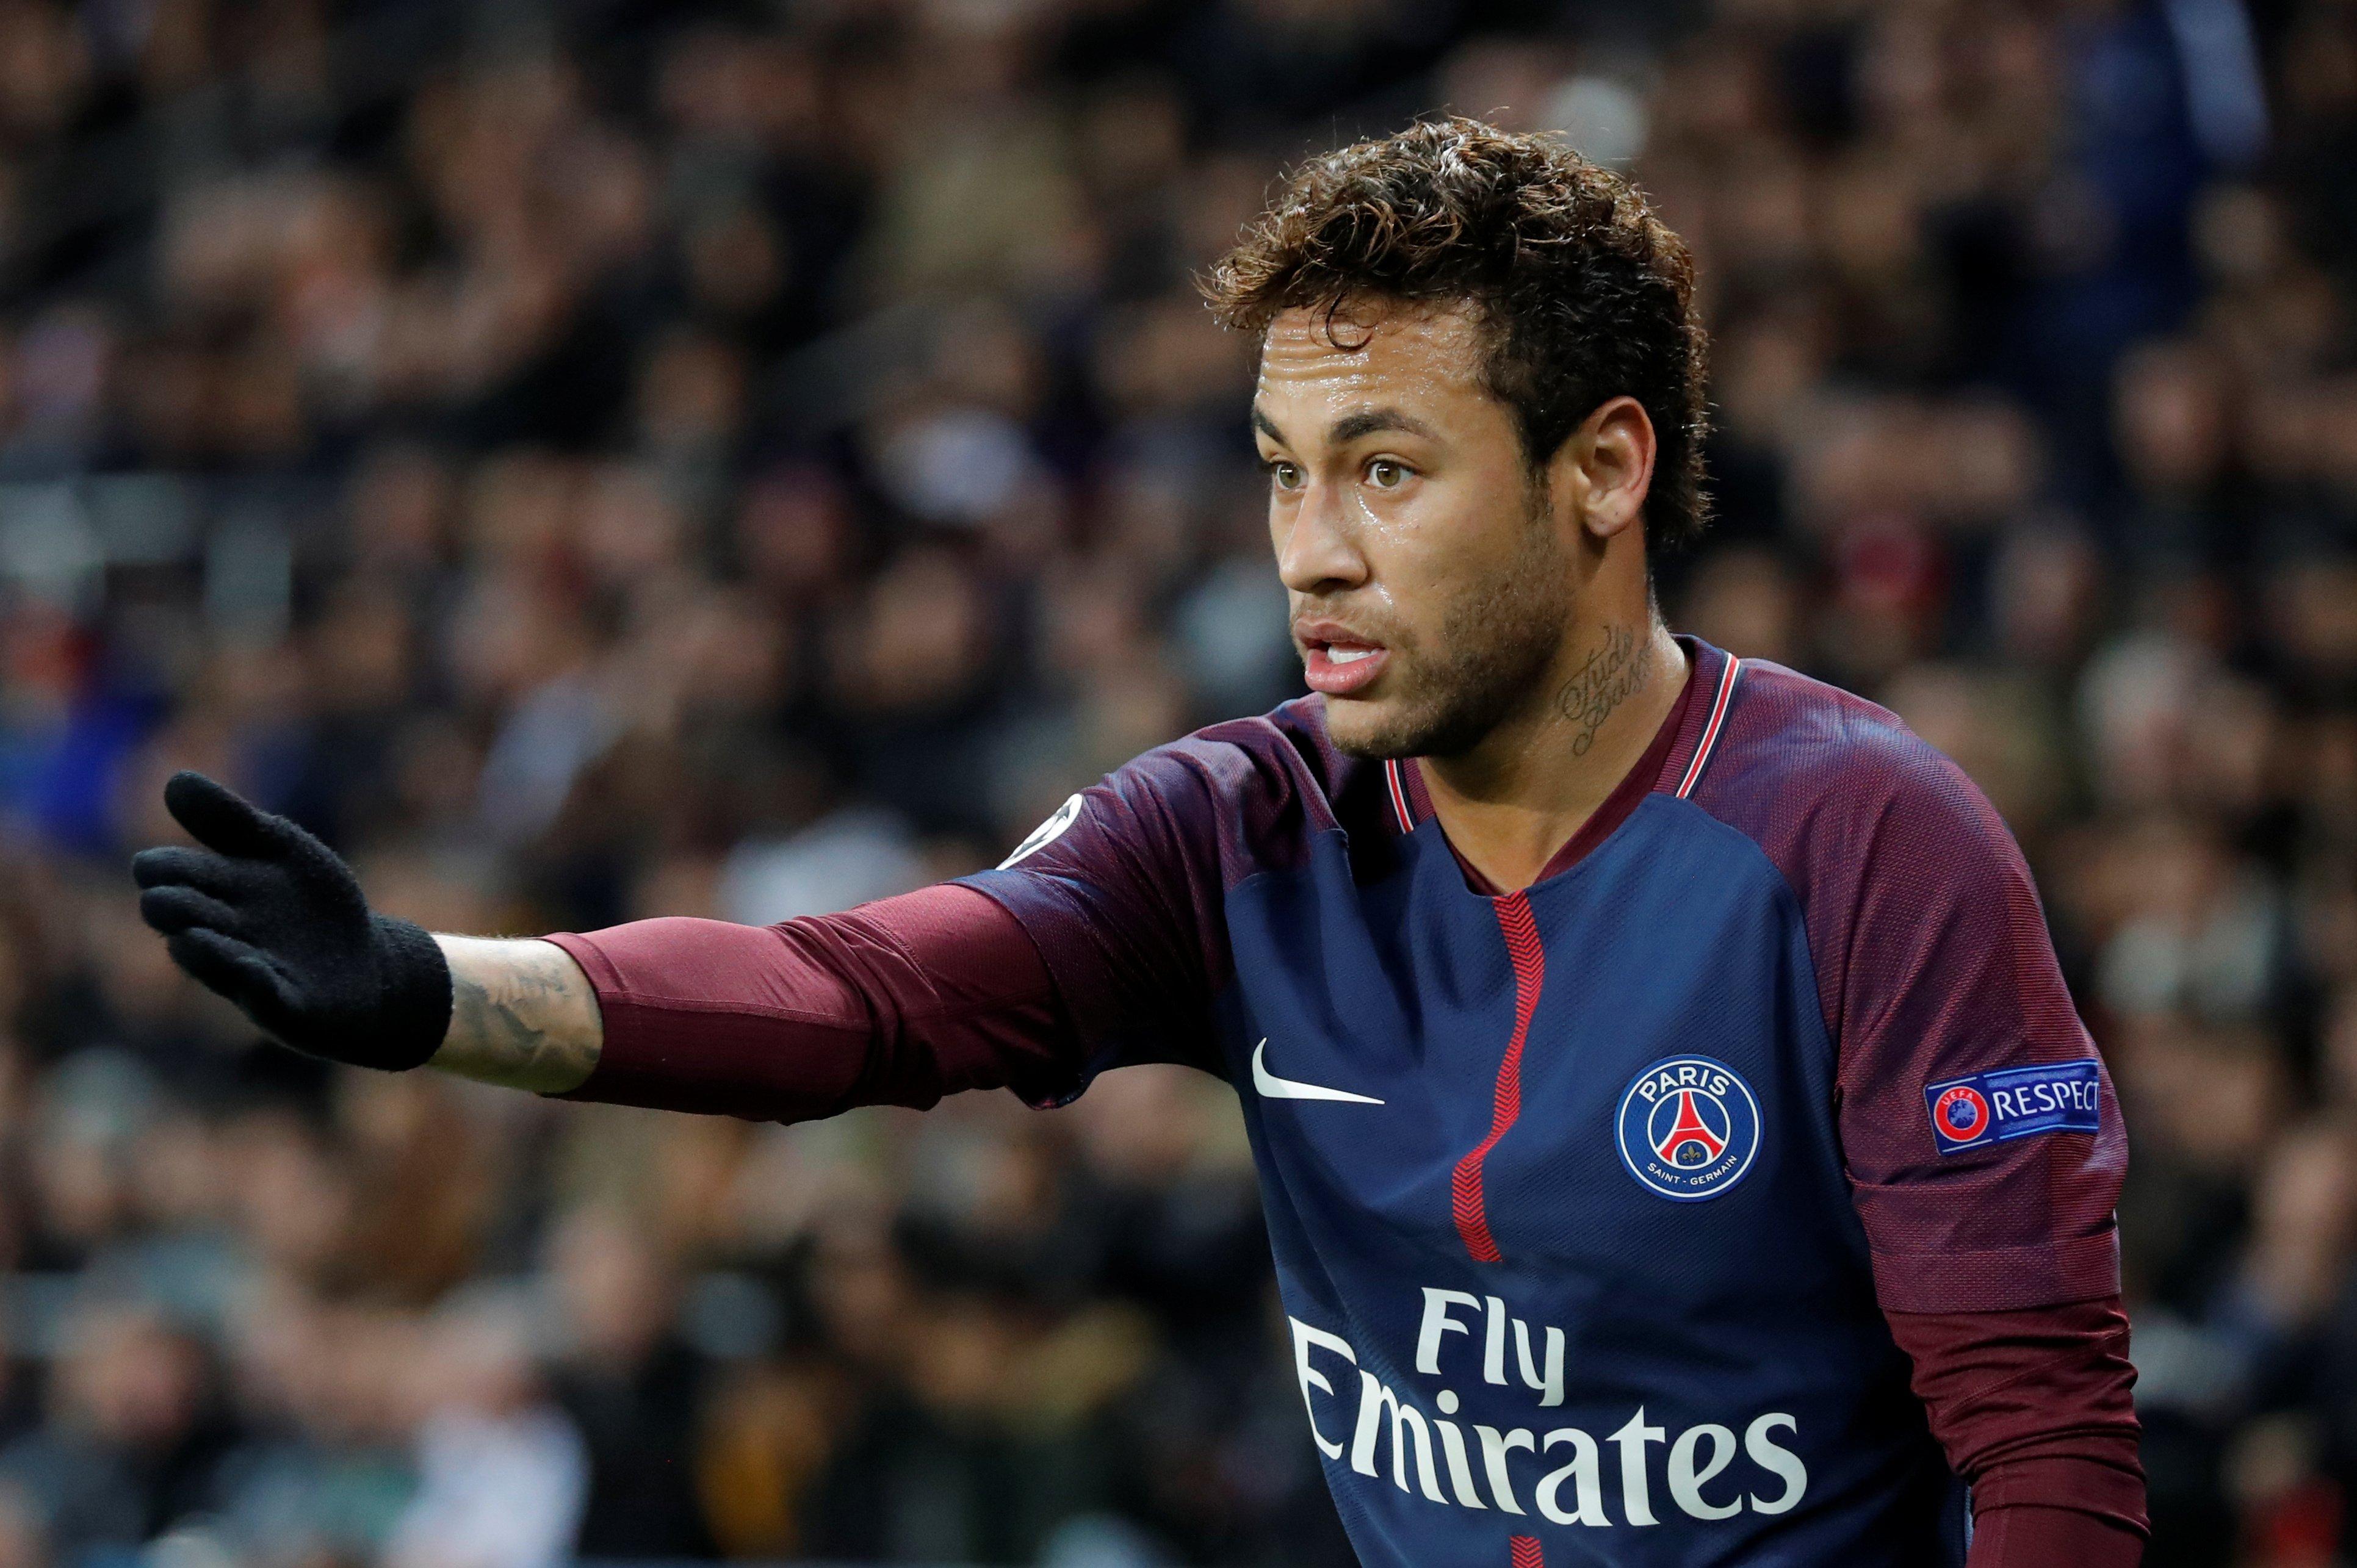 [EXCLU Téléfoot 21/01] - Mercato / PSG - Neymar pas prêt de rejoindre le Real Madrid